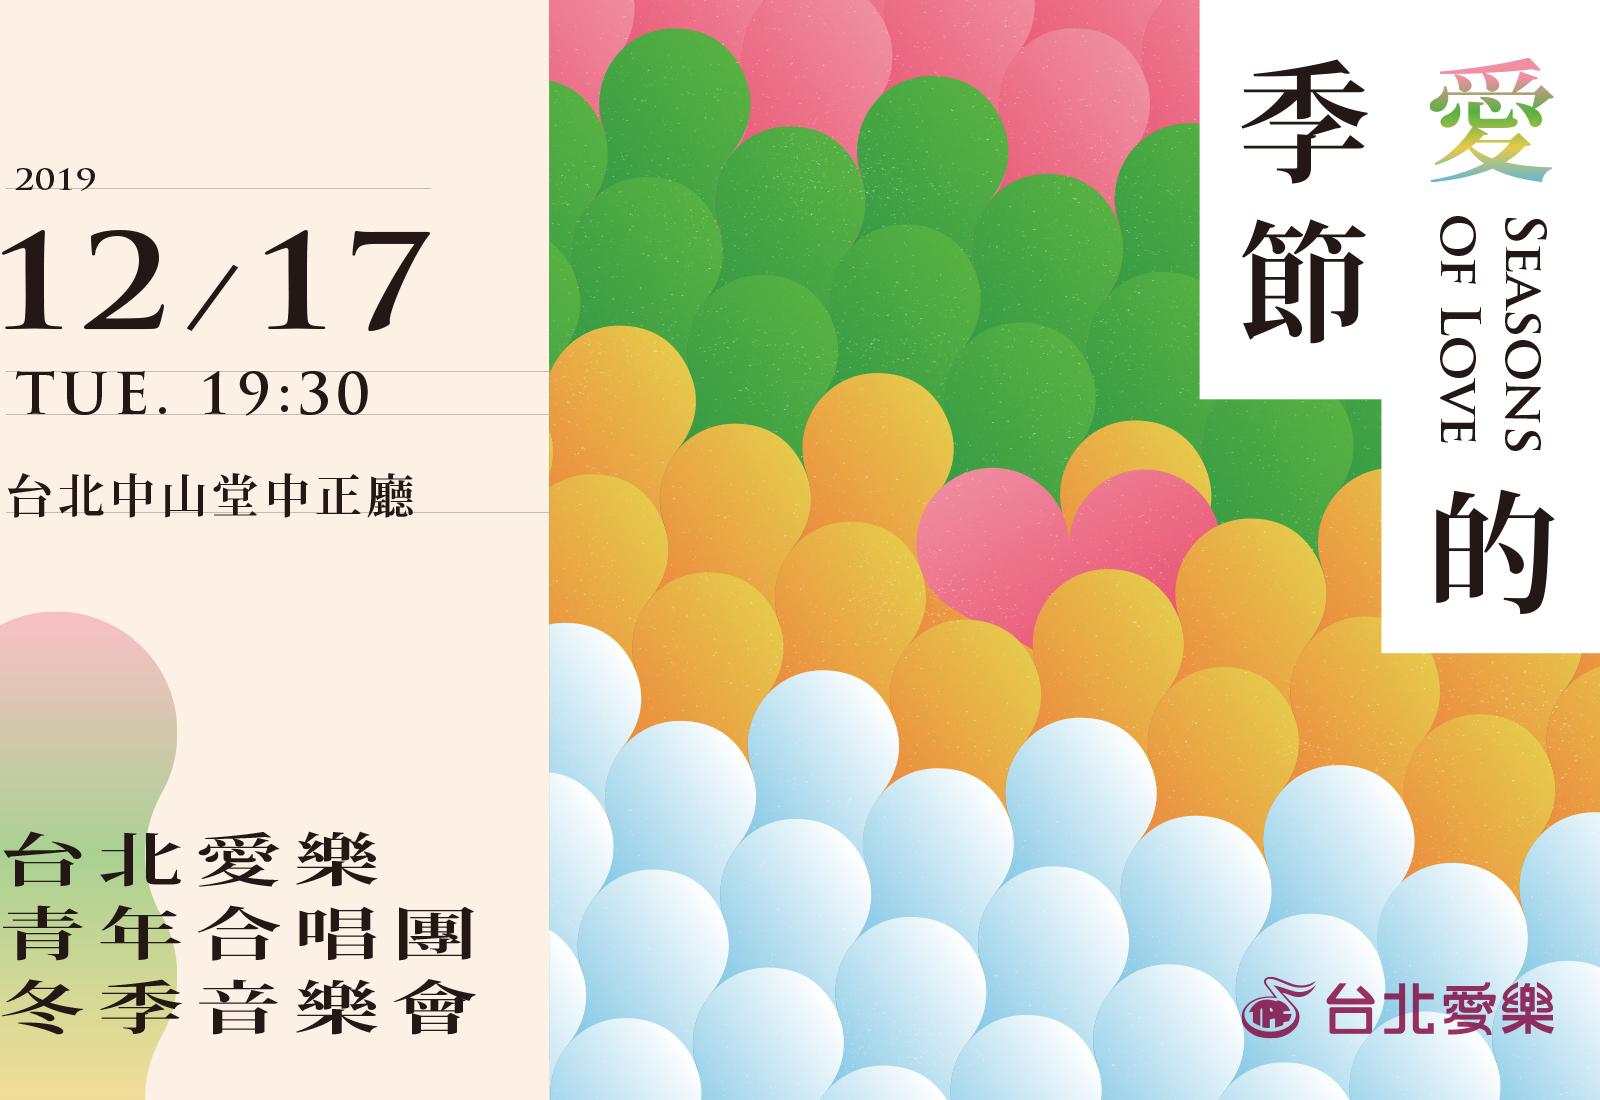 《愛的季節》台北愛樂青年合唱團冬季音樂會